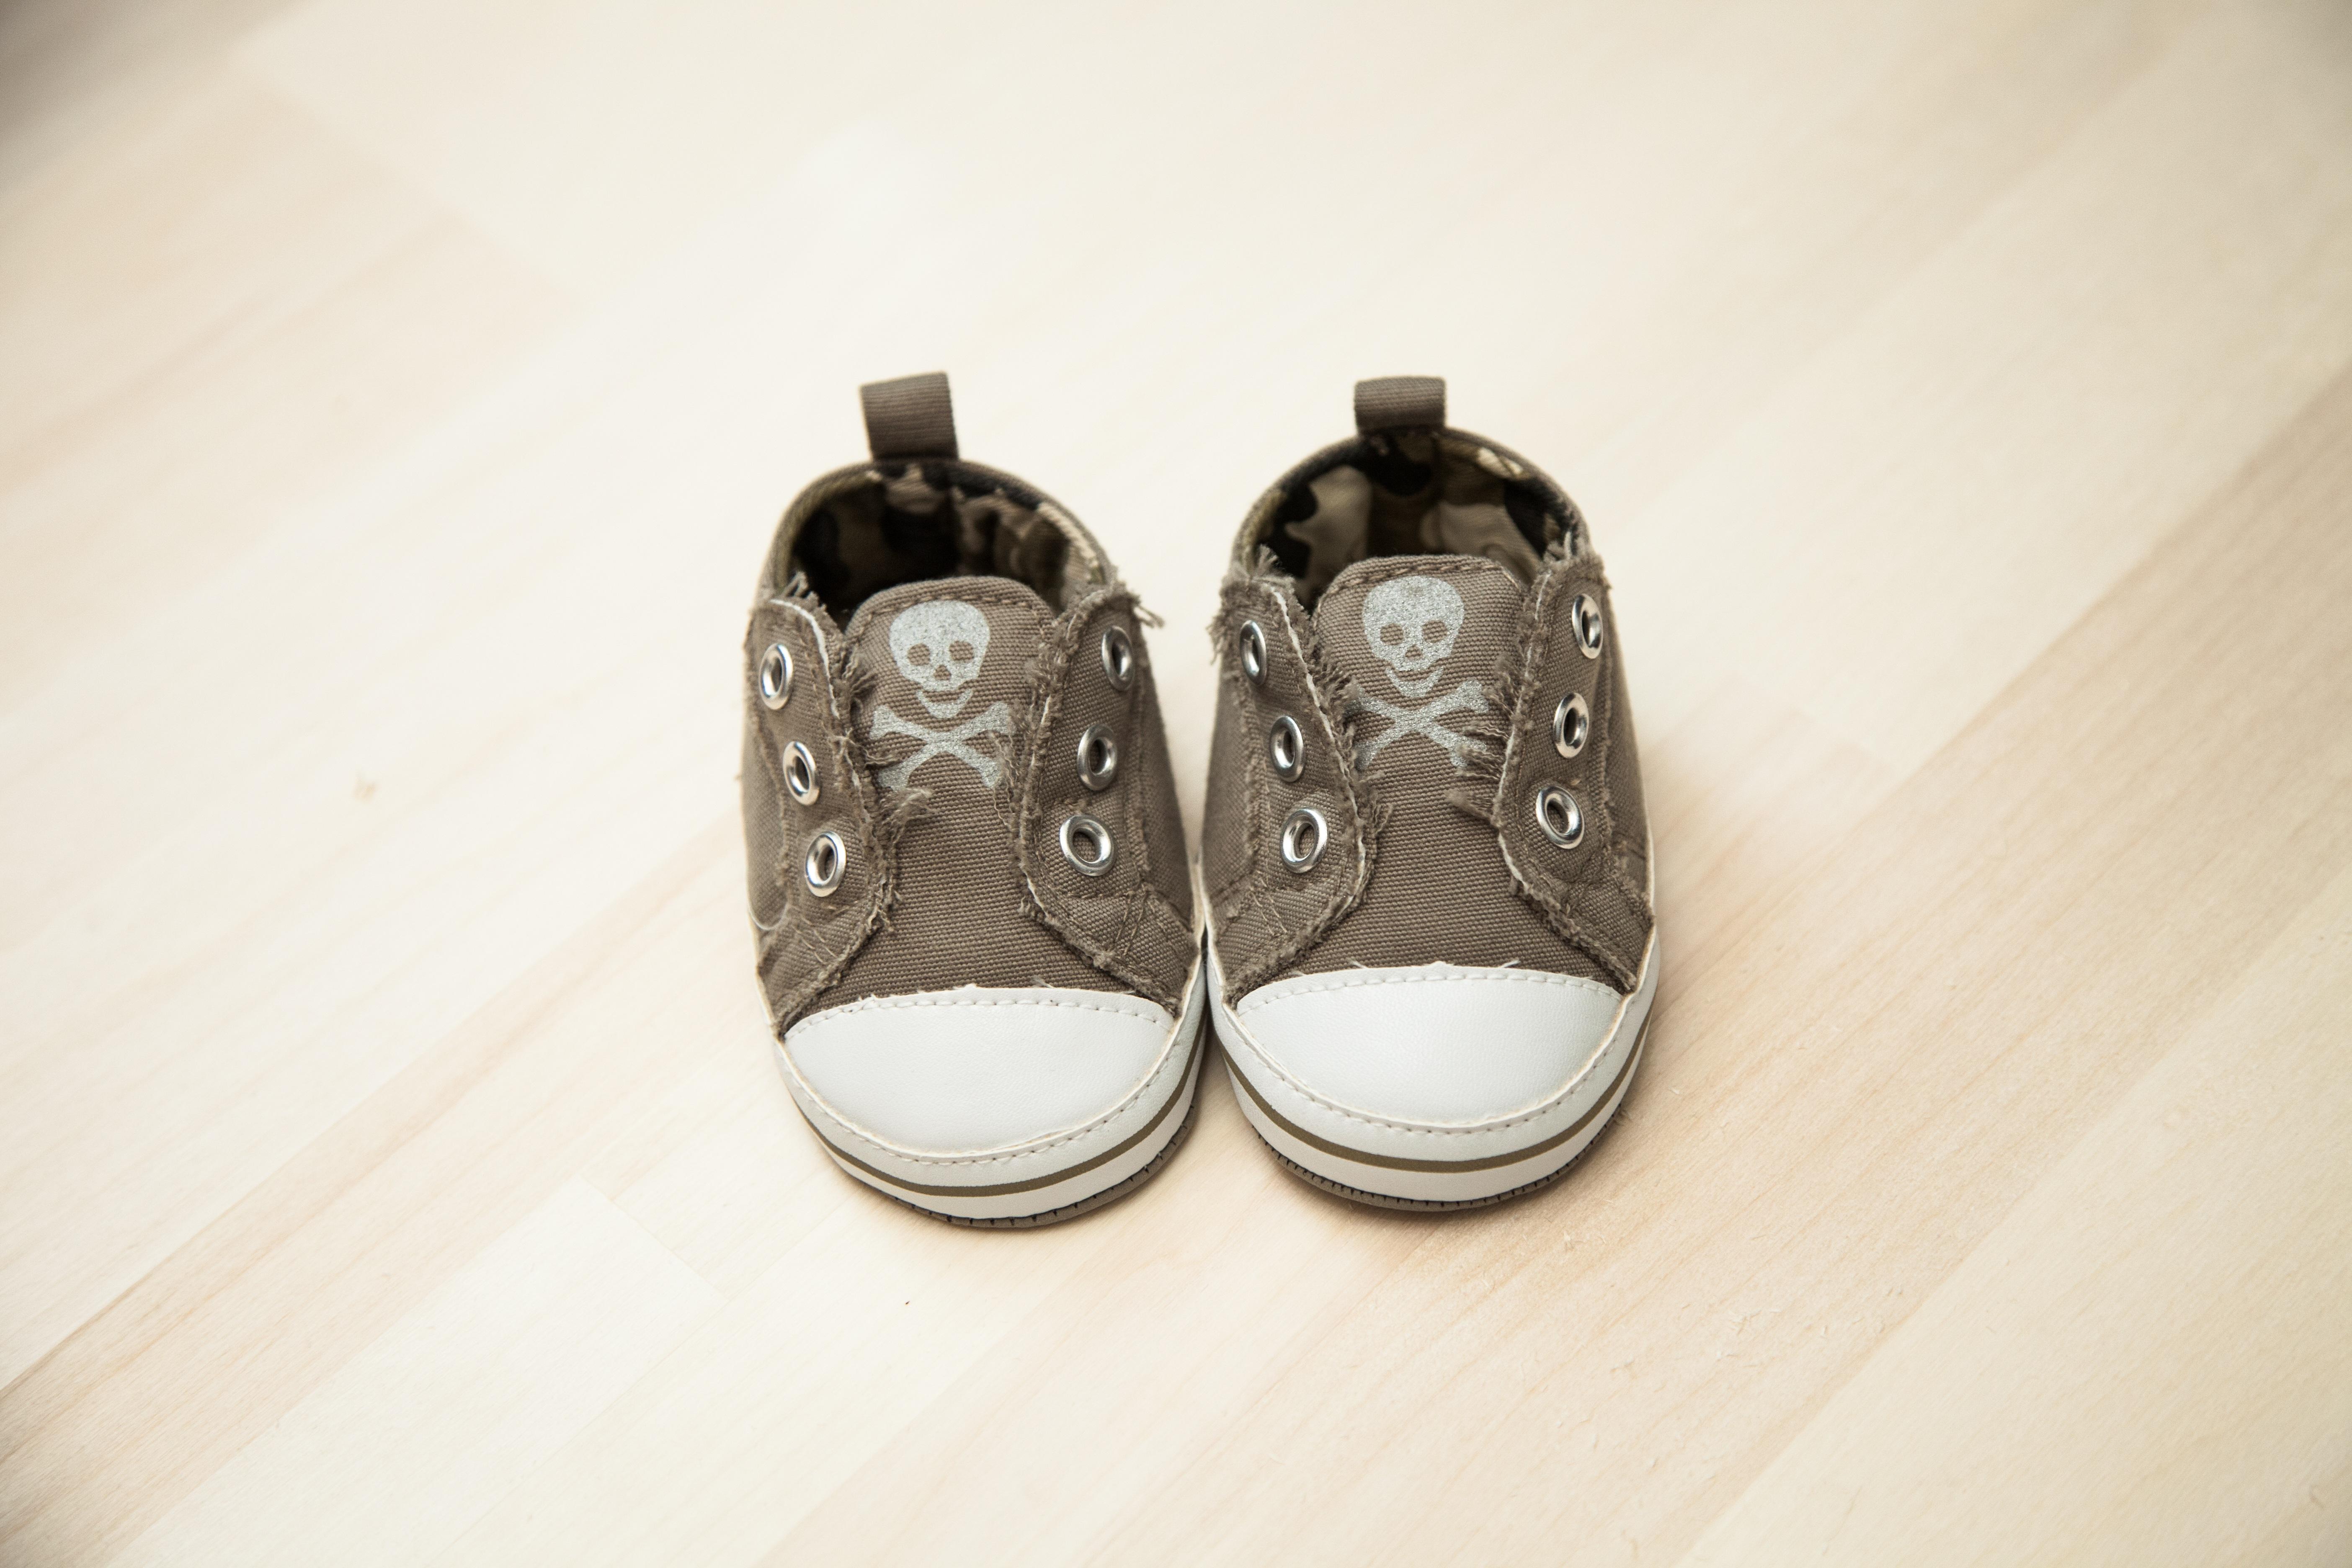 Kostenlose foto : Schuh, Weiß, Schädel, Baby, Produkt, Schuhe, Beige ...